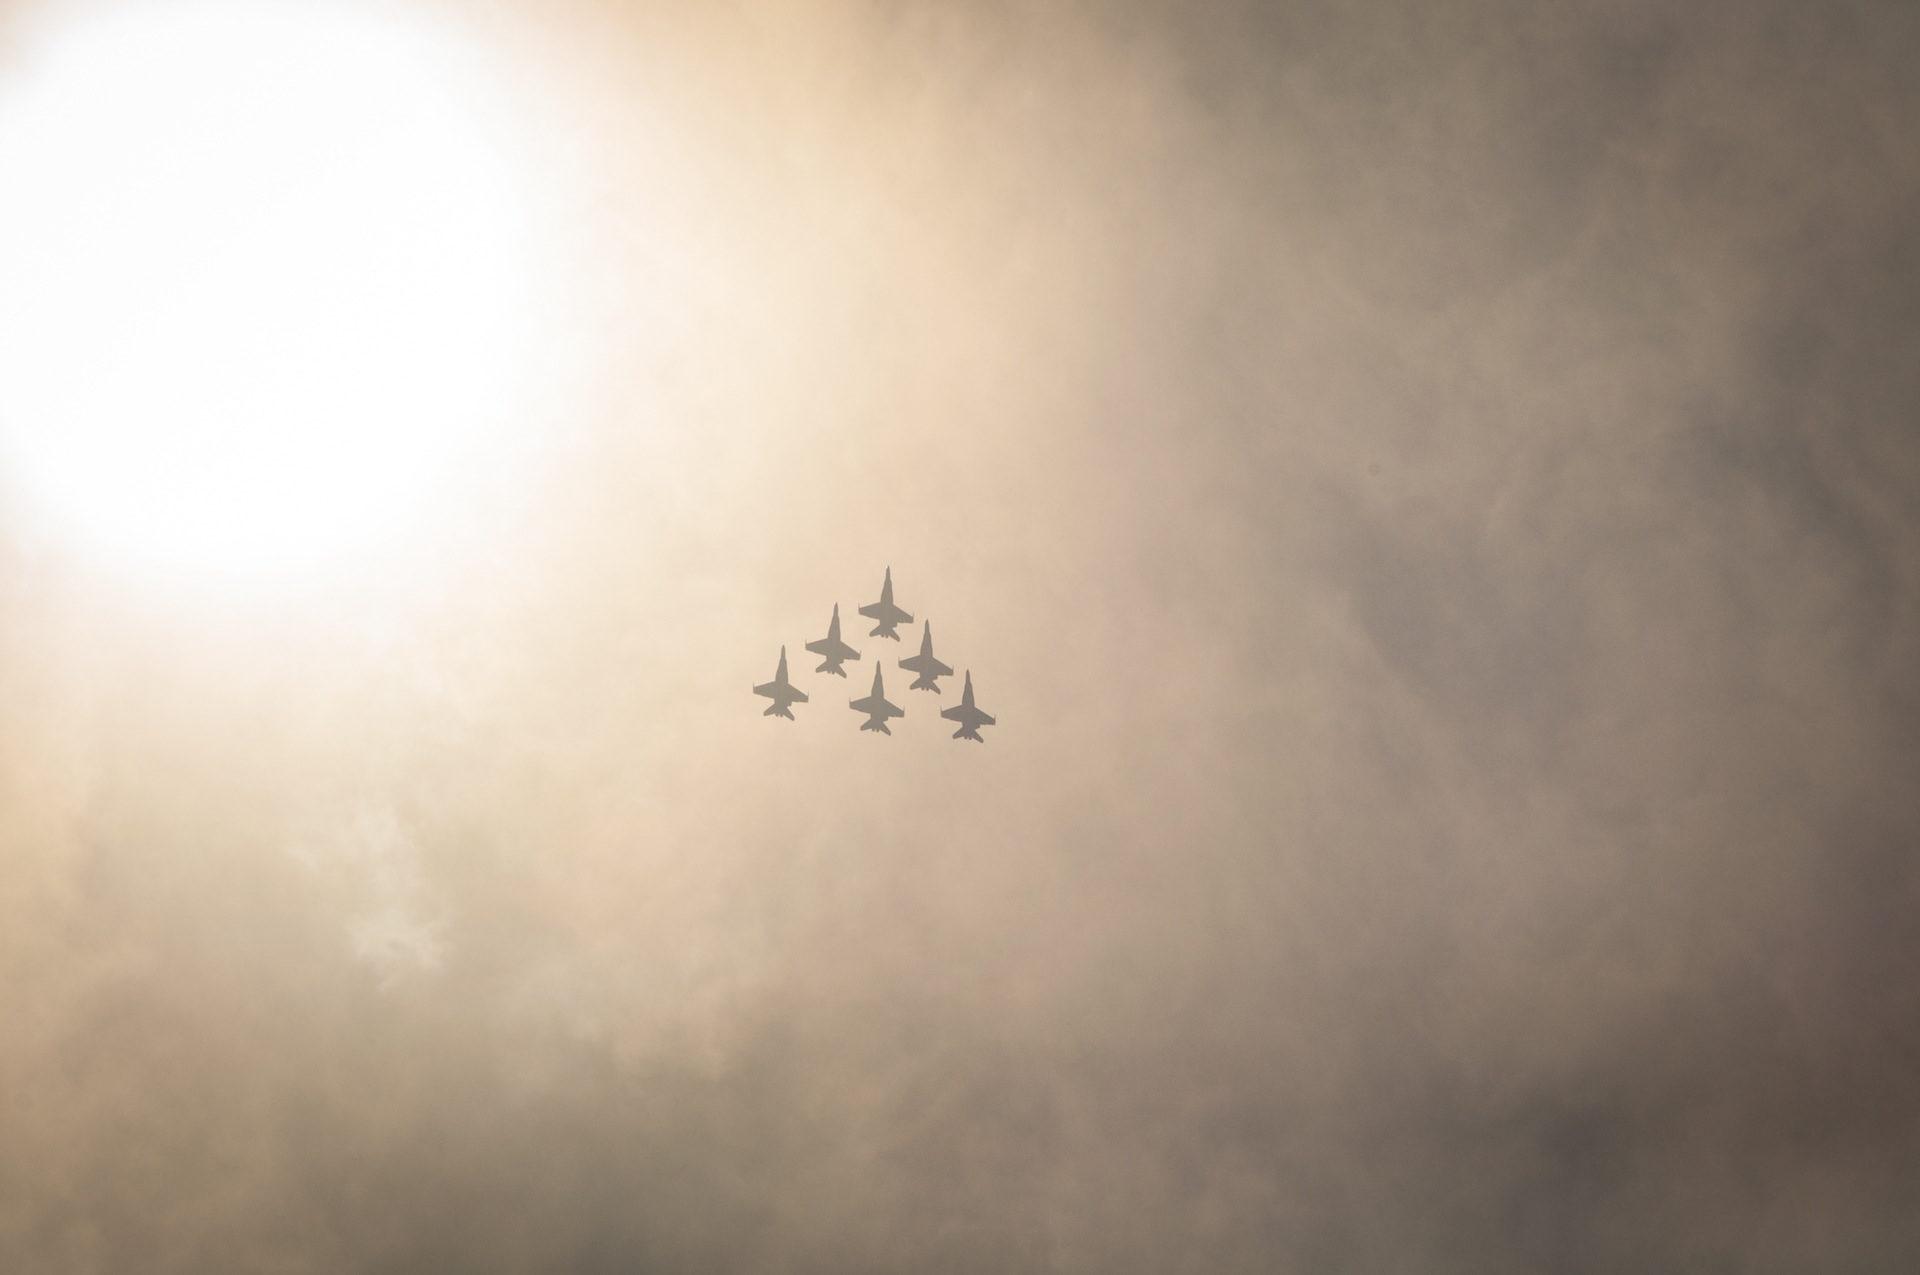 самолеты, Истребители, Армия, воздух, Муха - Обои HD - Профессор falken.com